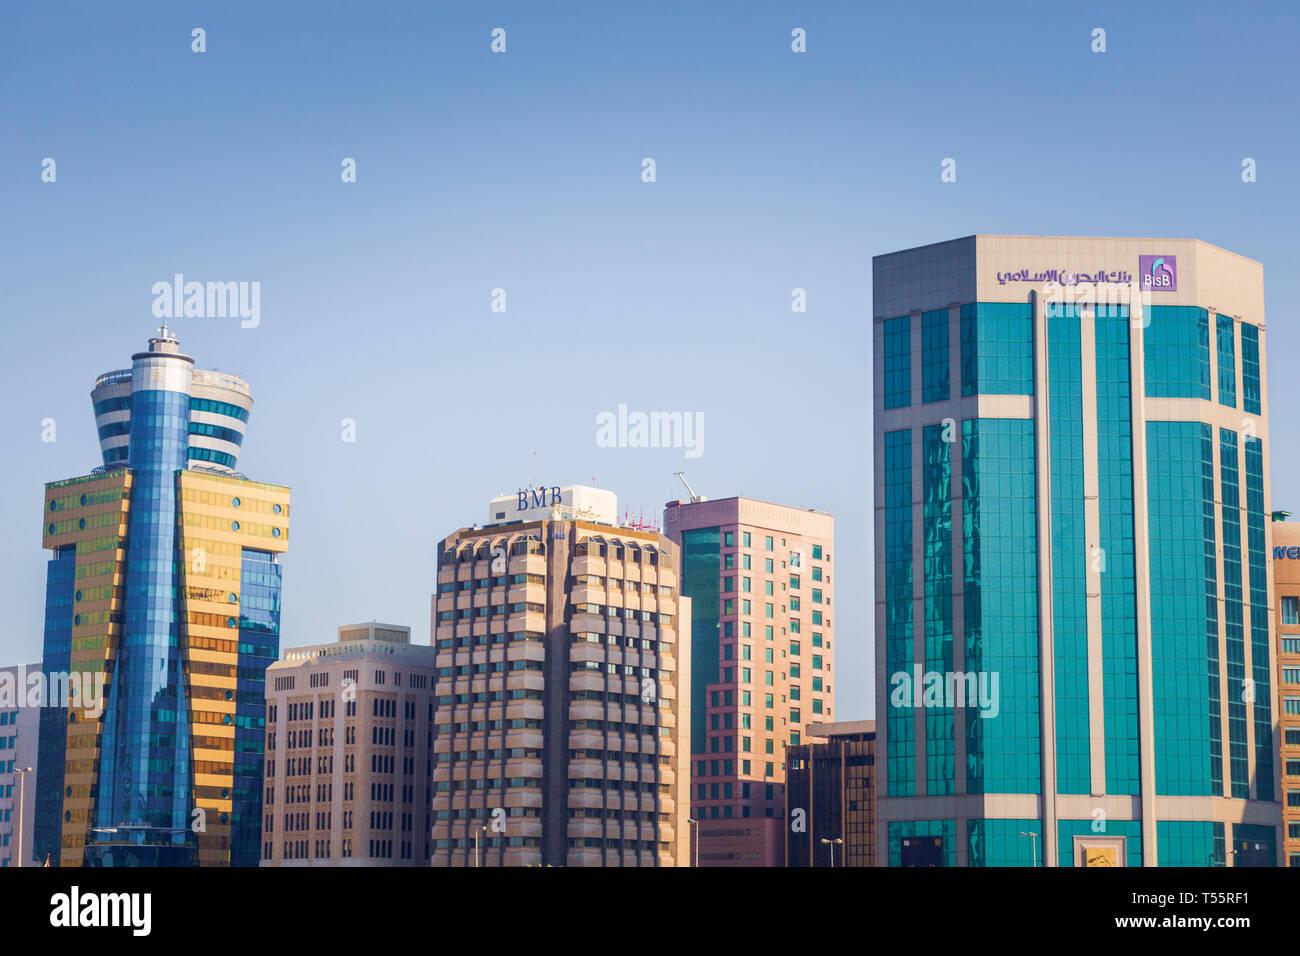 El horizonte de la ciudad de Manama, Bahrein Imagen De Stock